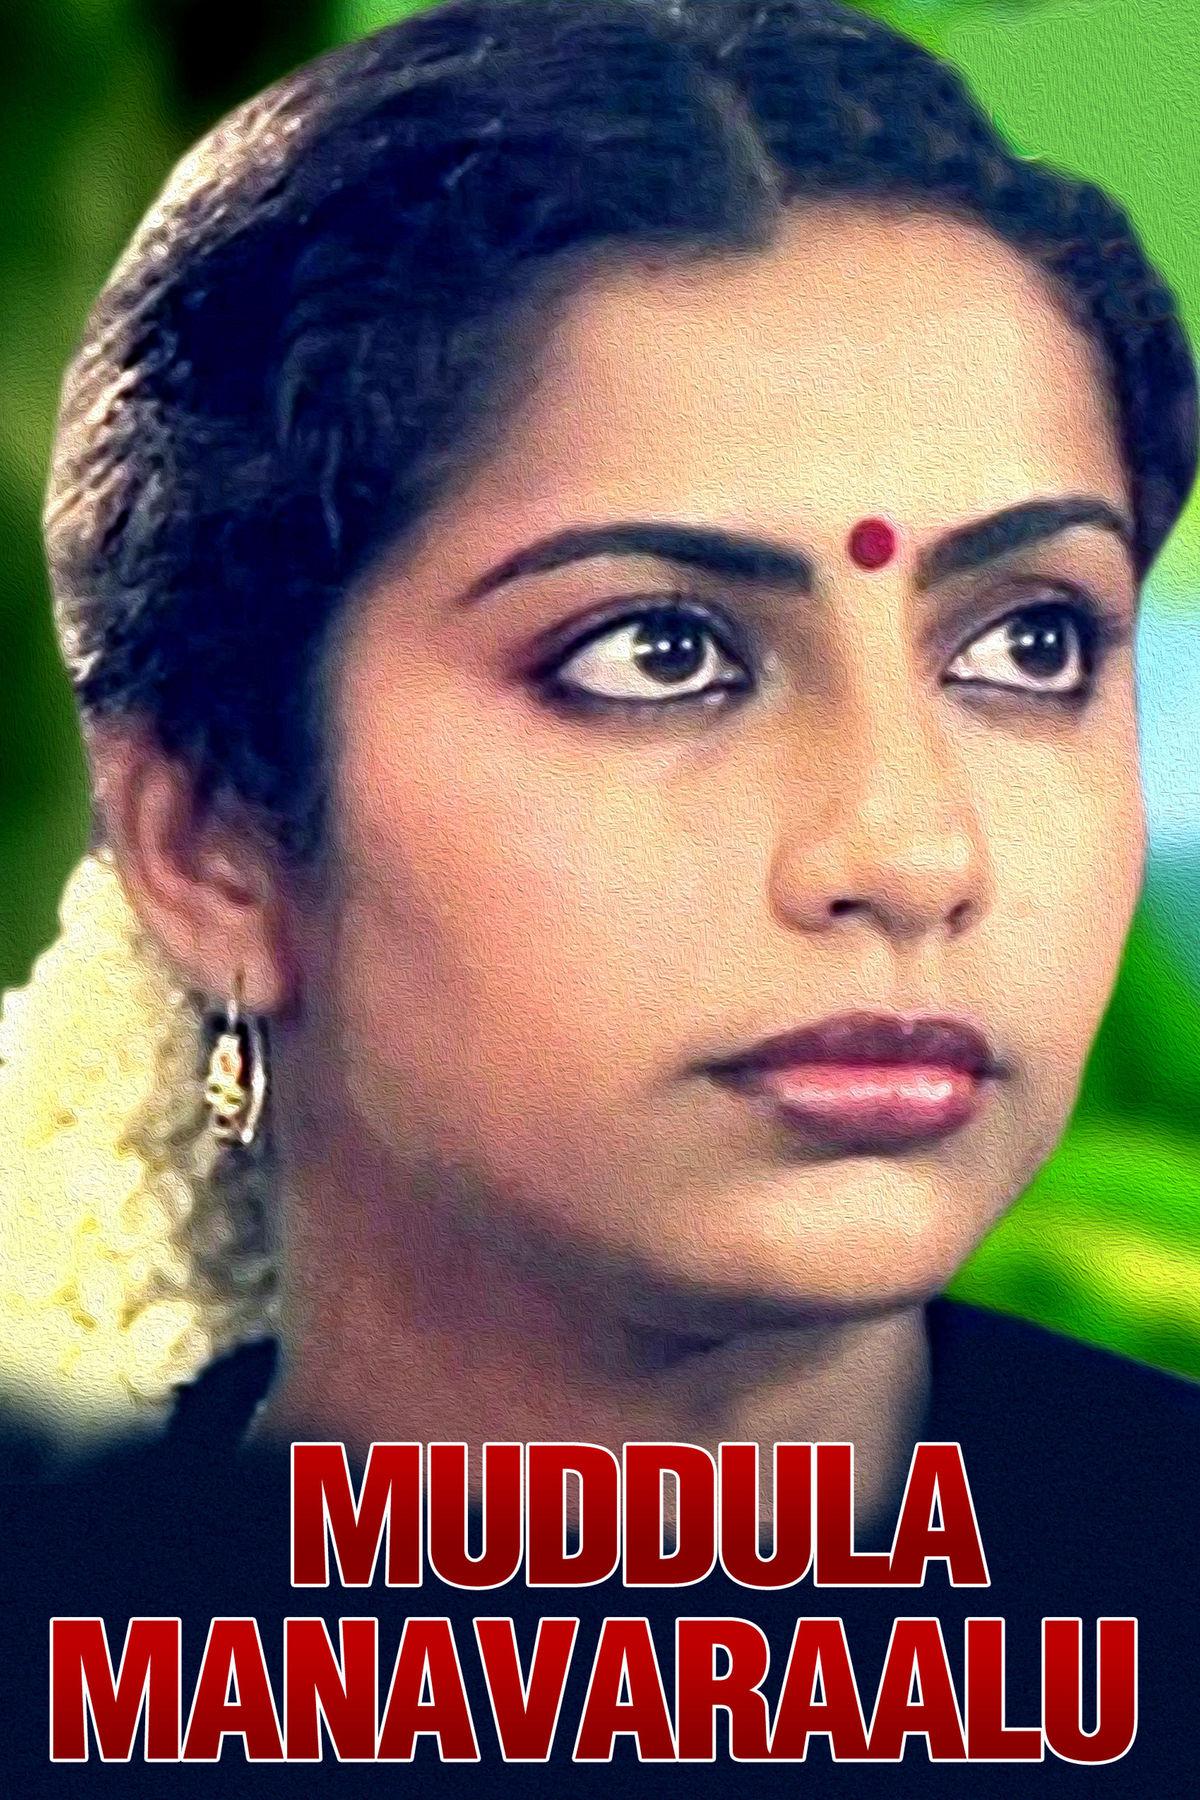 Muddula Manavaraalu